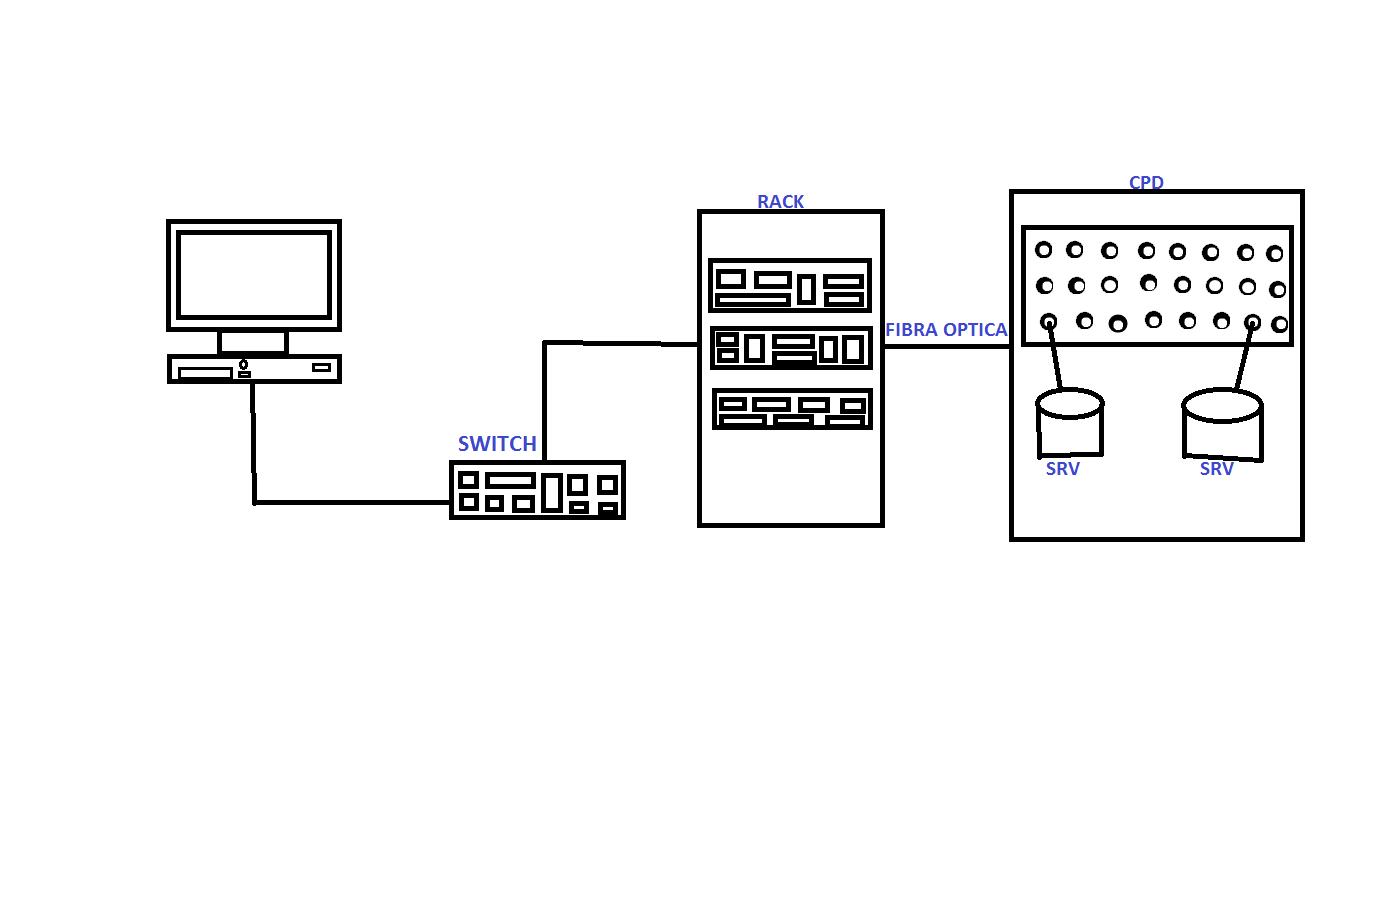 informatica 4t eso  diagrama de red de la florida